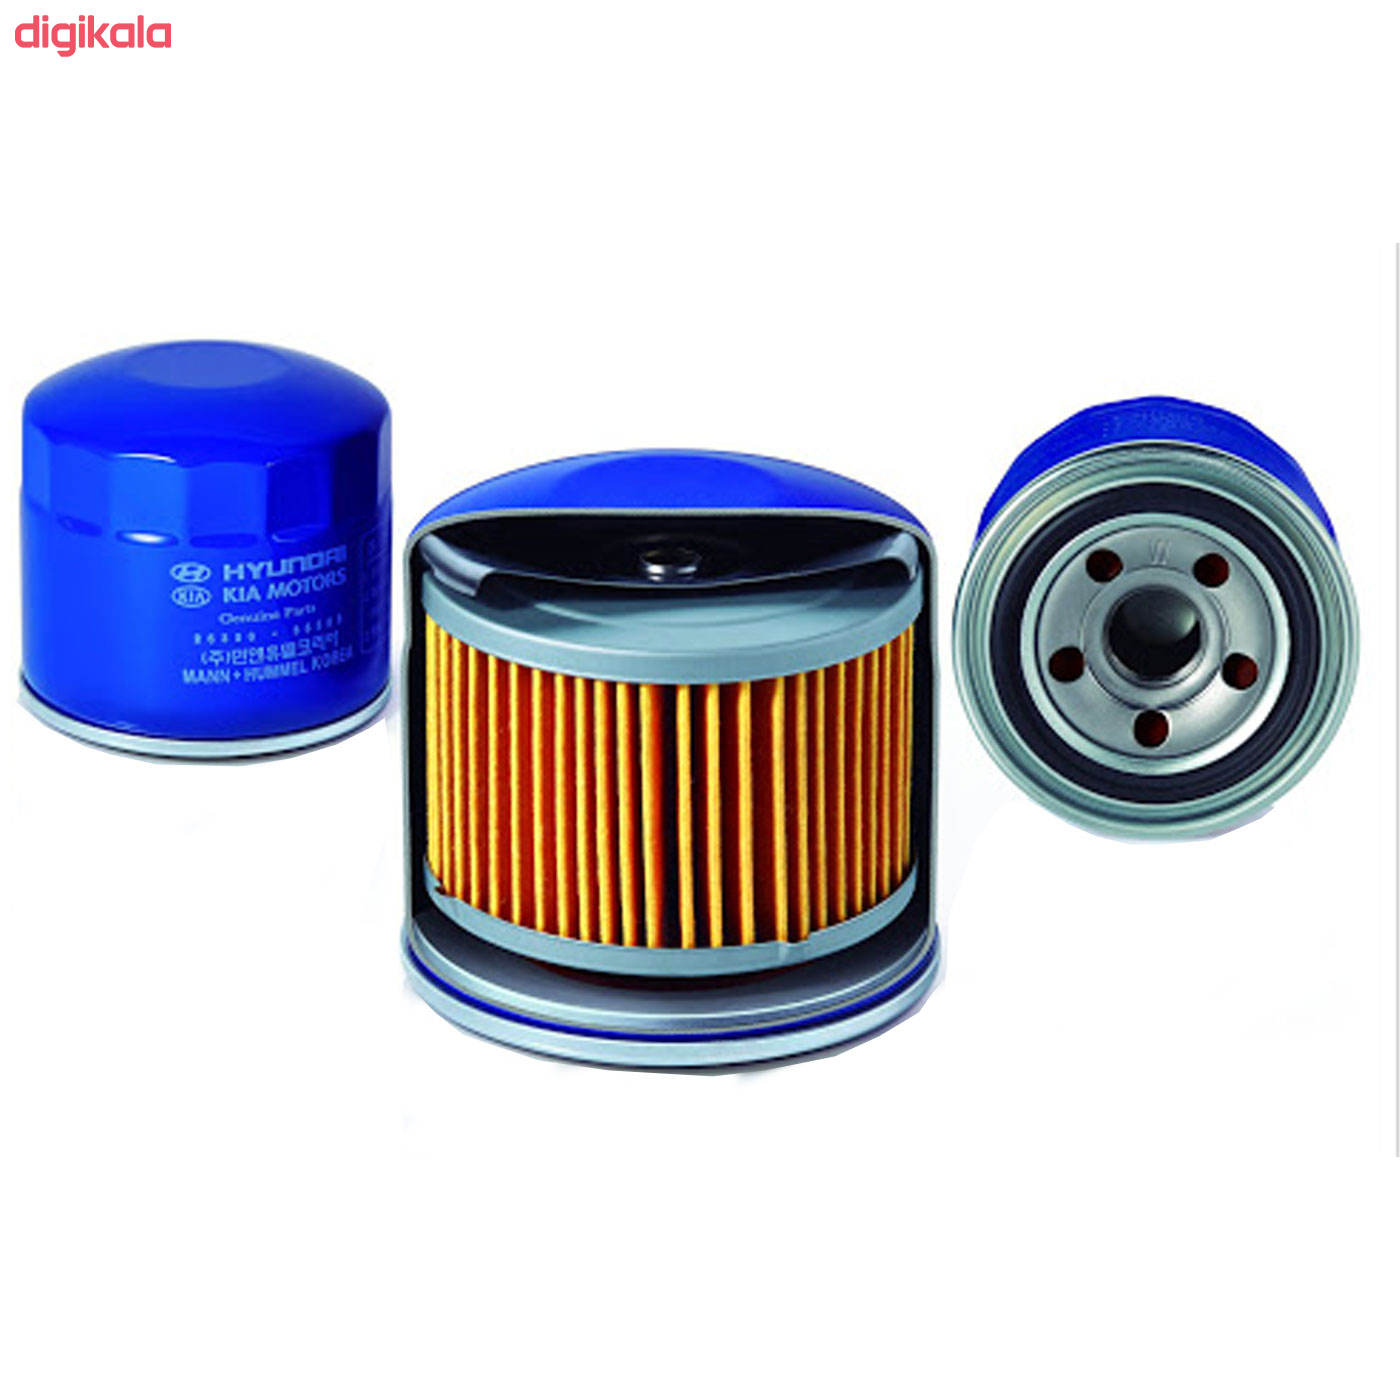 فیلتر روغن خودرو هیوندای جنیون پارتس مدل 35505 مناسب برای هیوندای اکسنت main 1 2